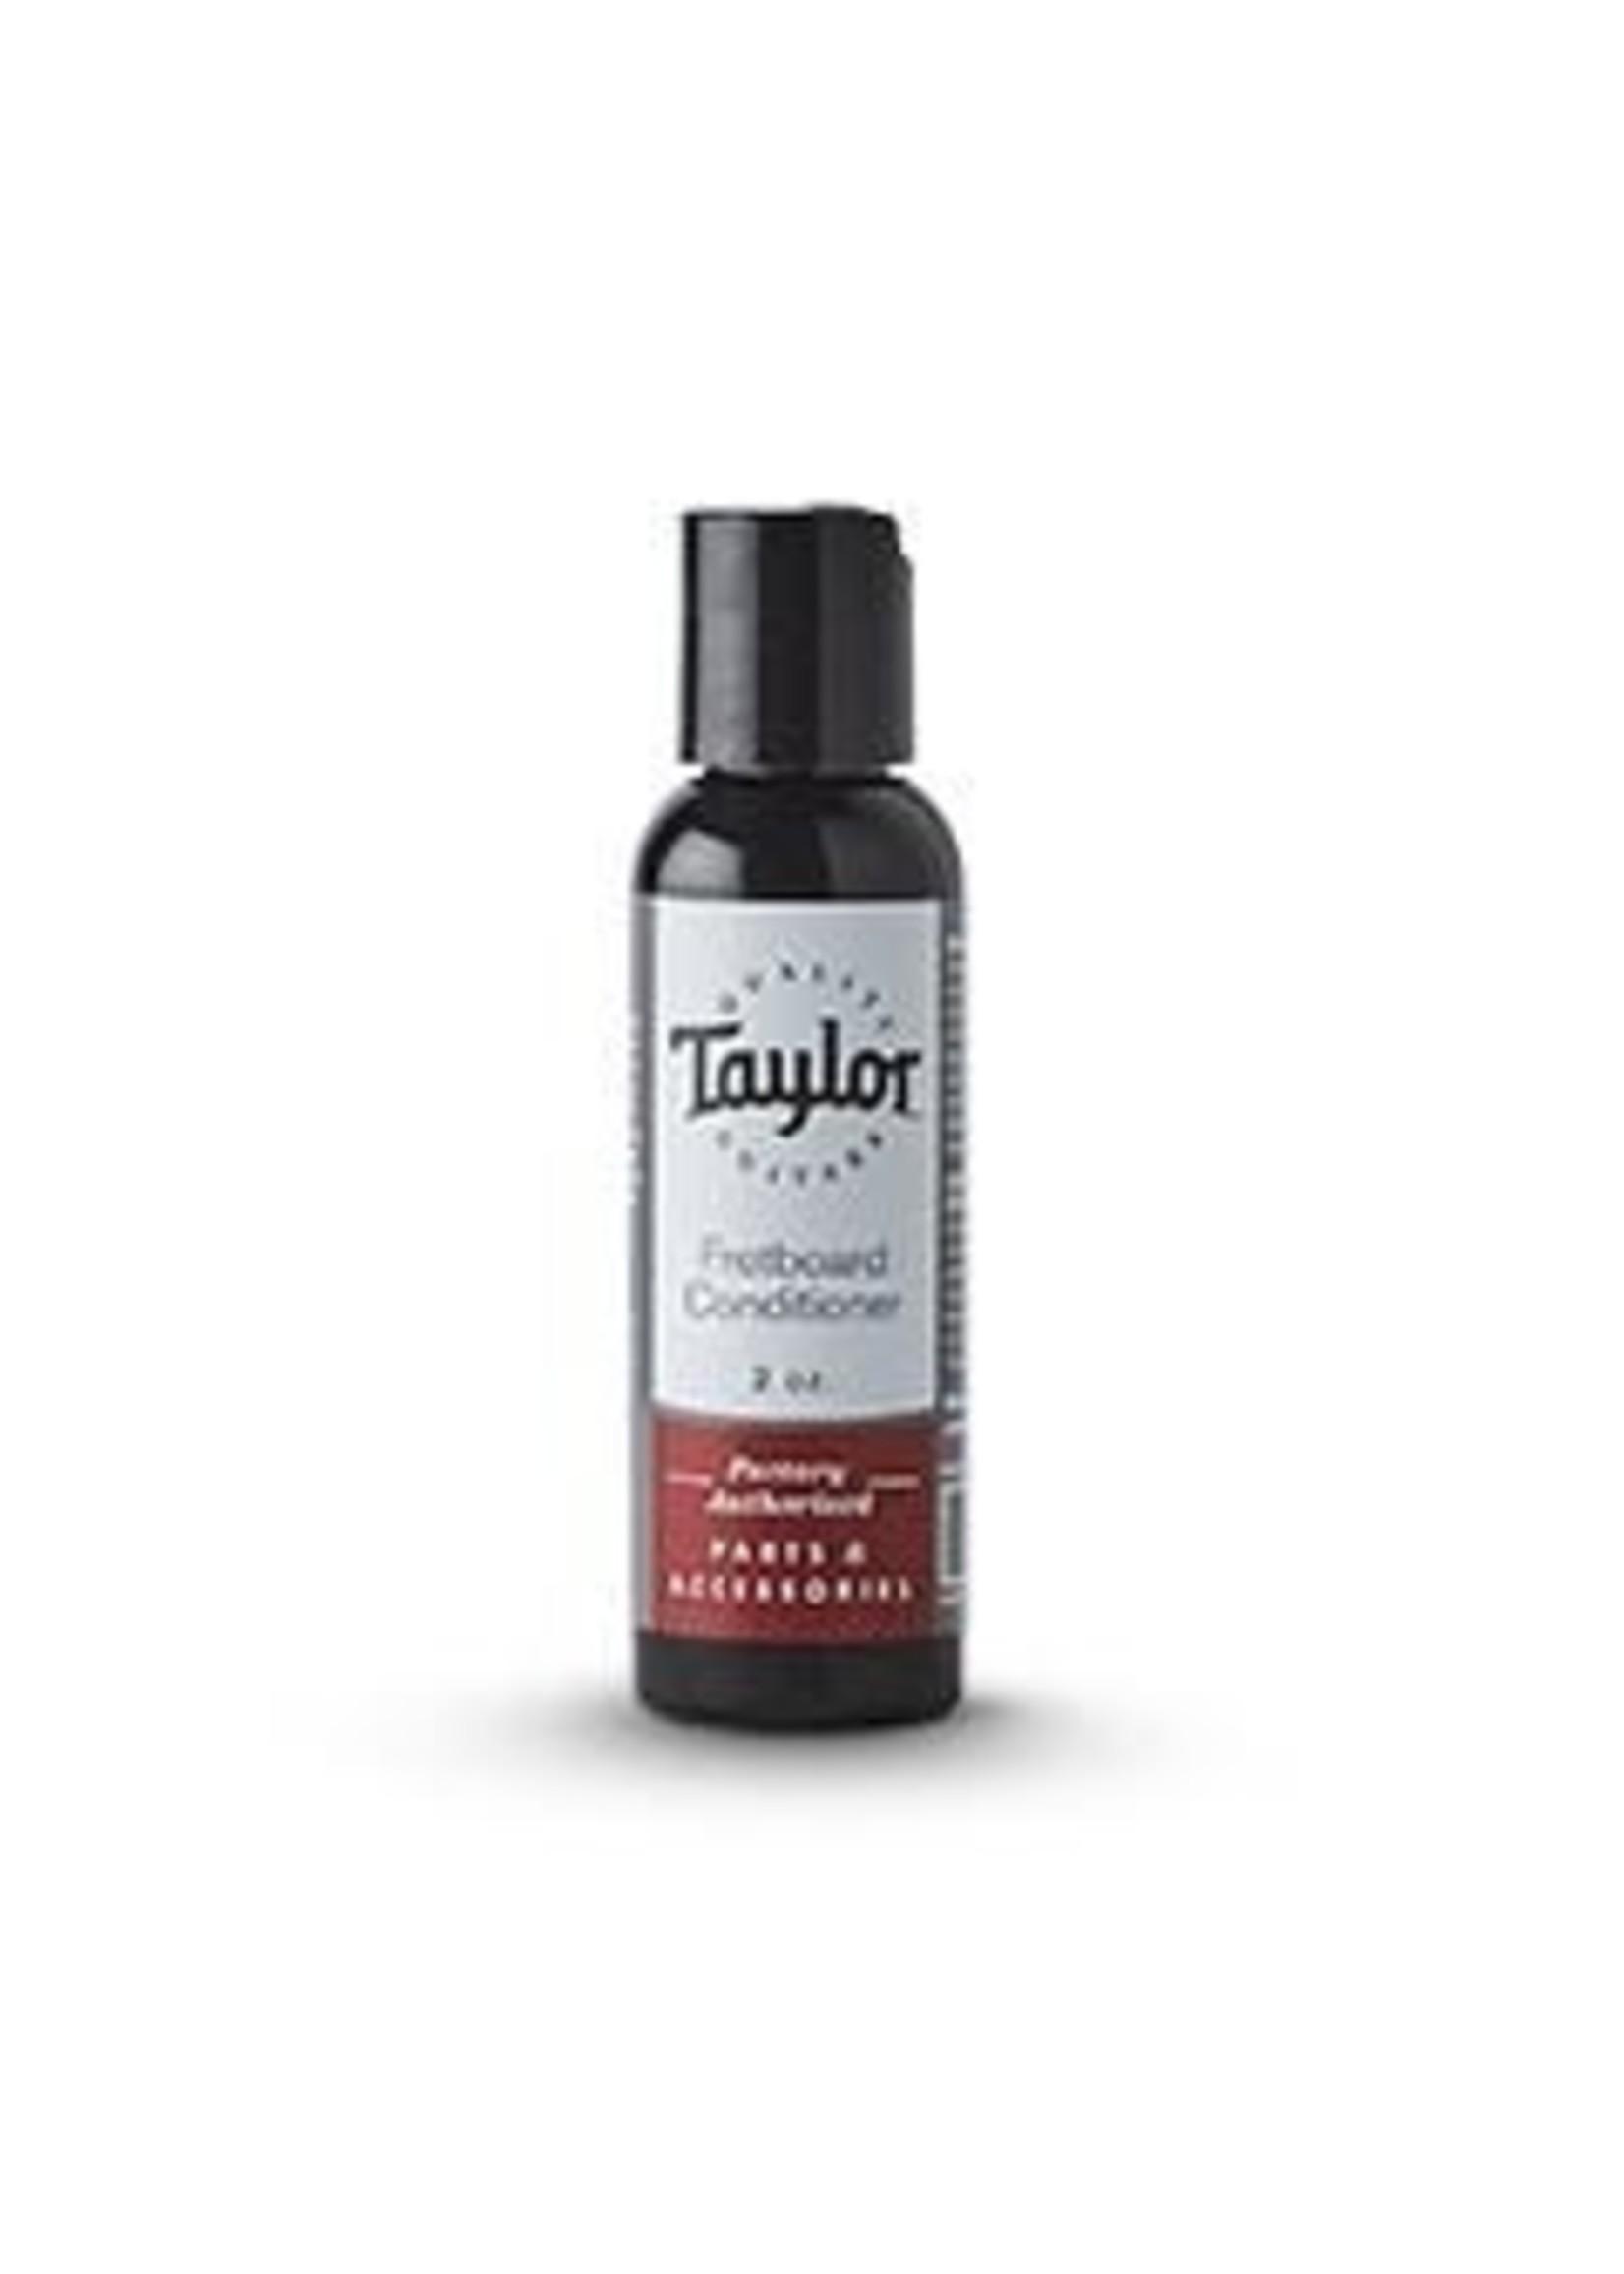 Taylor Taylor Fretboard Conditioner 2Oz.